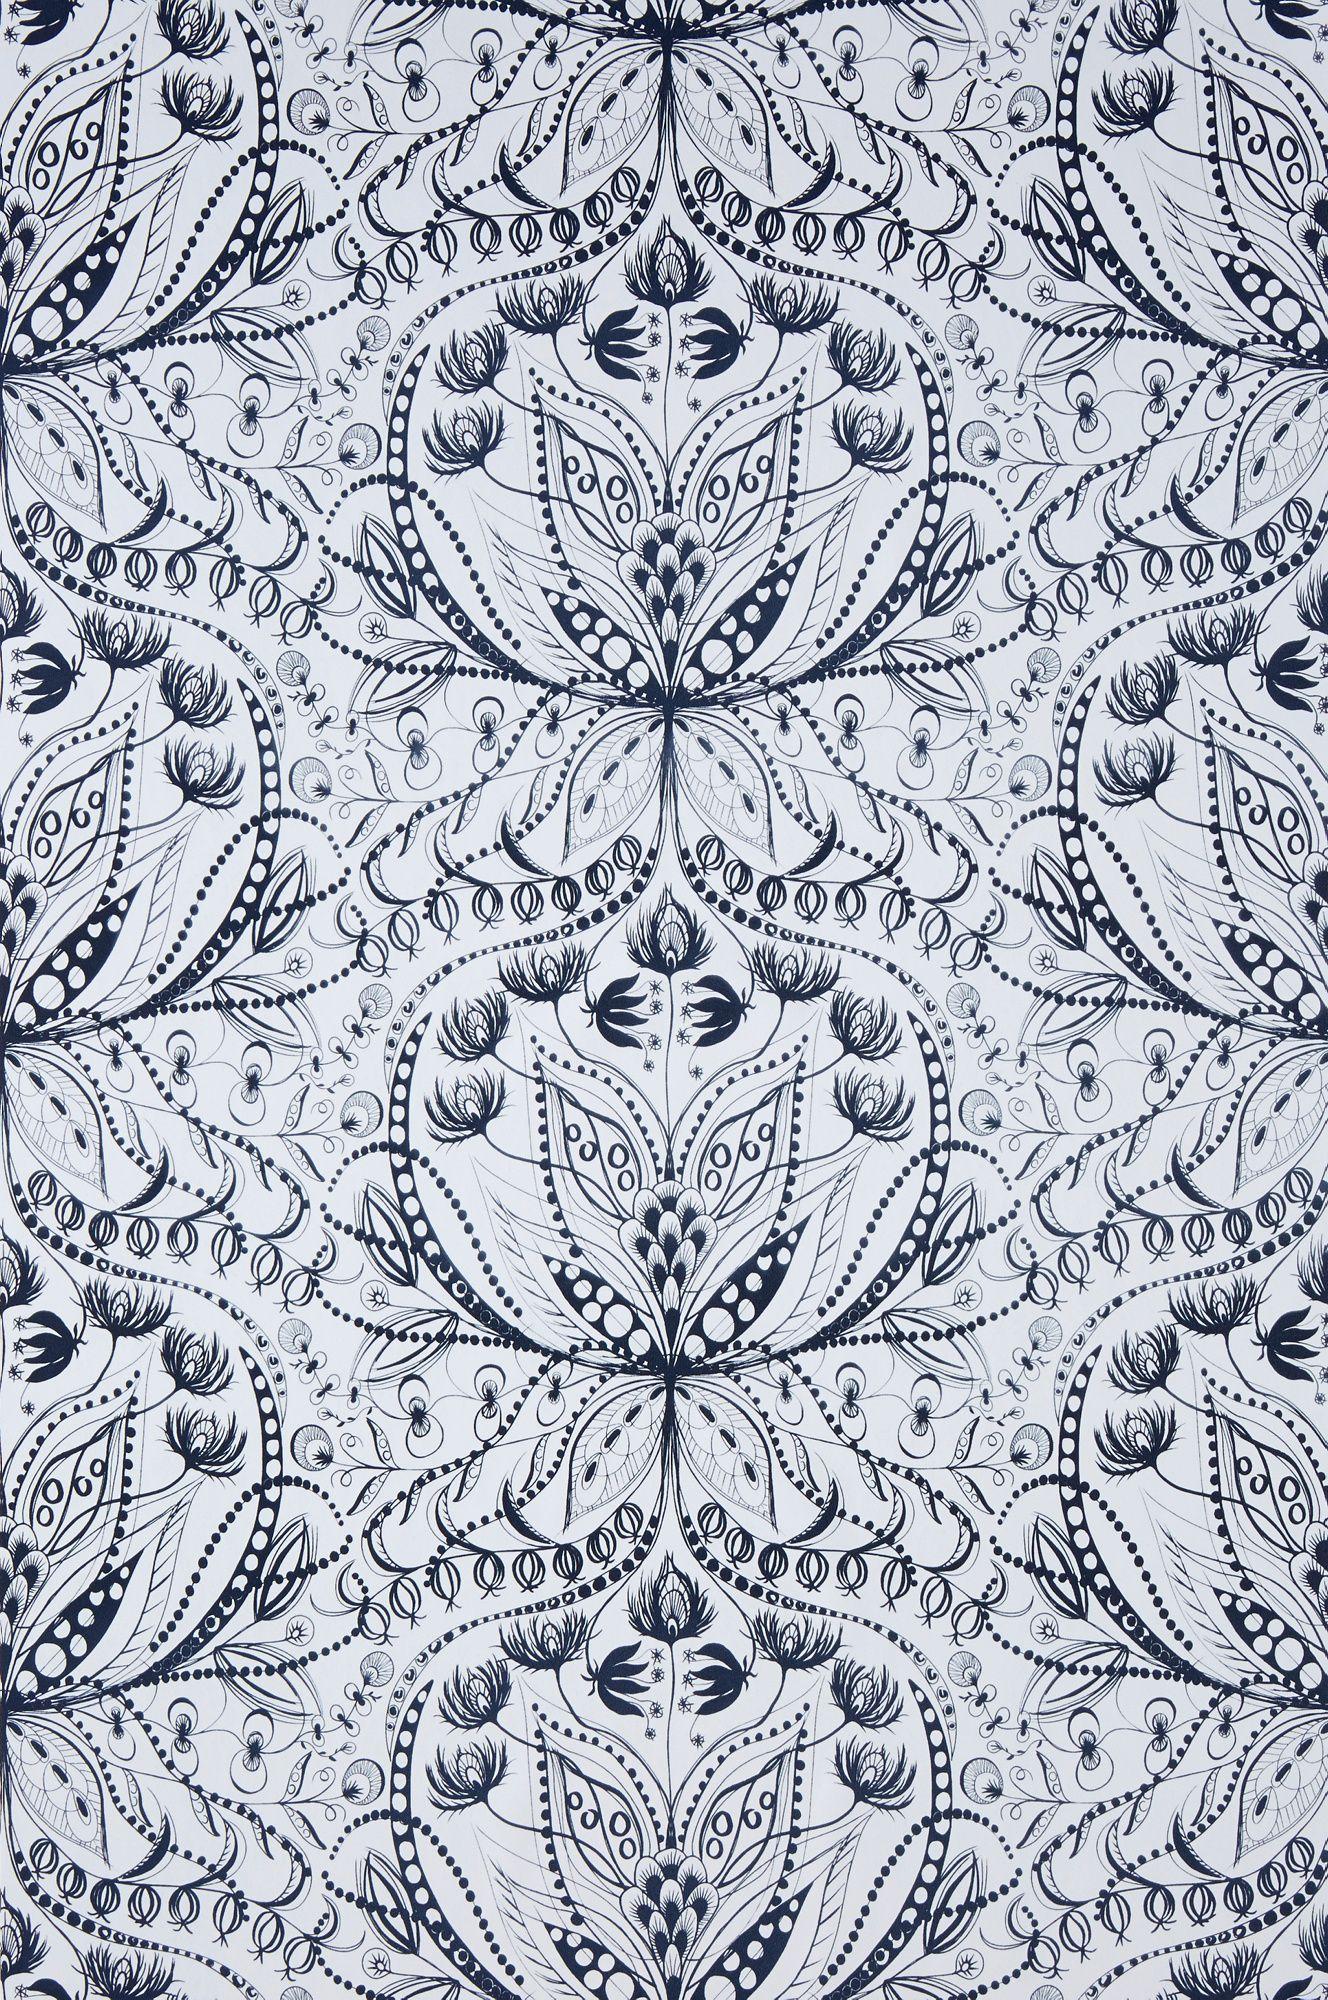 Wallpaper by ellos Anna-Lisa-tapetti väreissä Keskiharmaa, Tummansininen, Keltainen kategoria Koti - Kuviolliset - Ellos